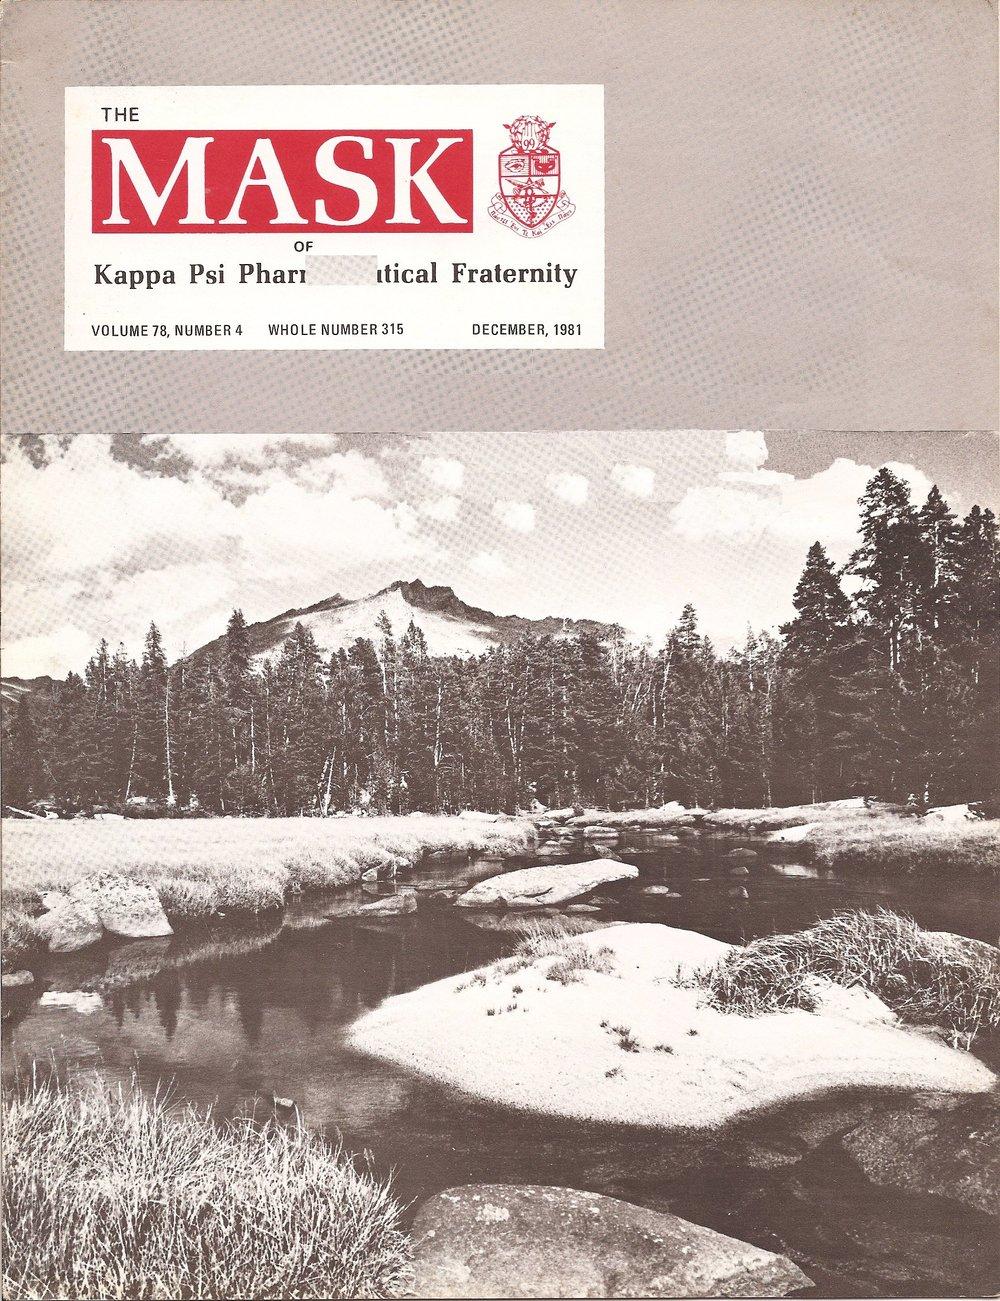 mask_cover_12_1981.jpg